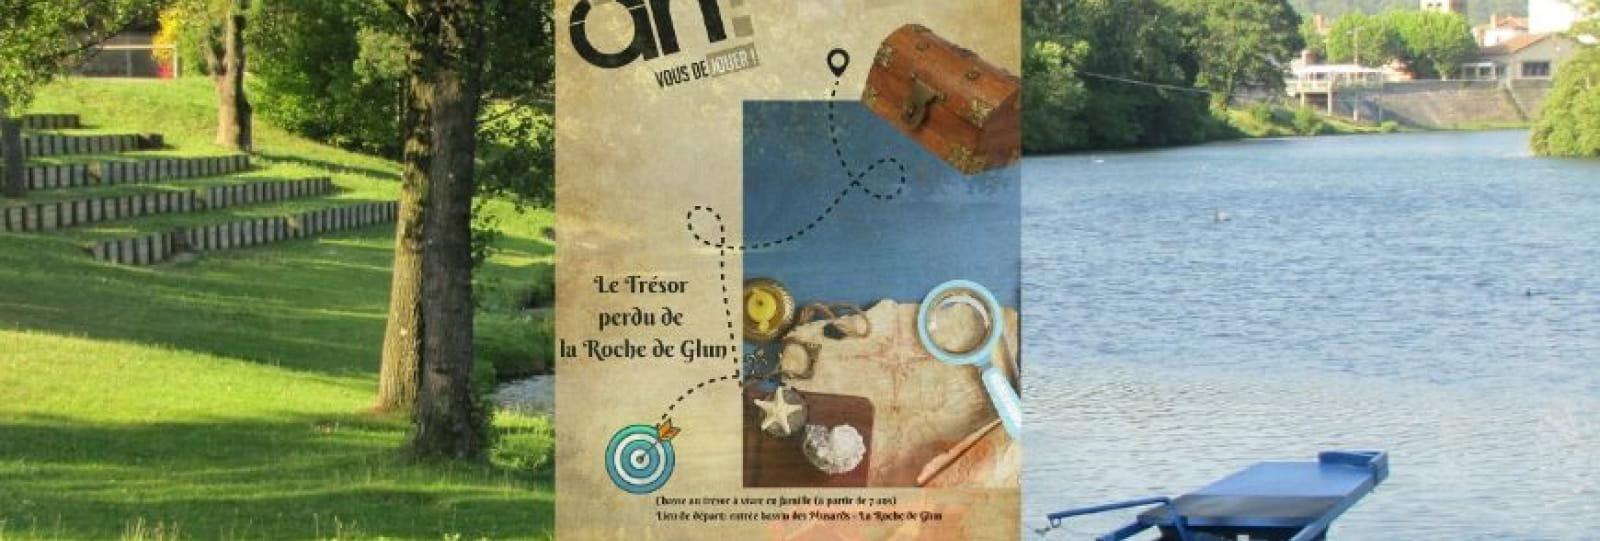 Chasse au trésor _ Le trésor perdu dela Roche de Glun_ Ardèche Hermitage Tourisme